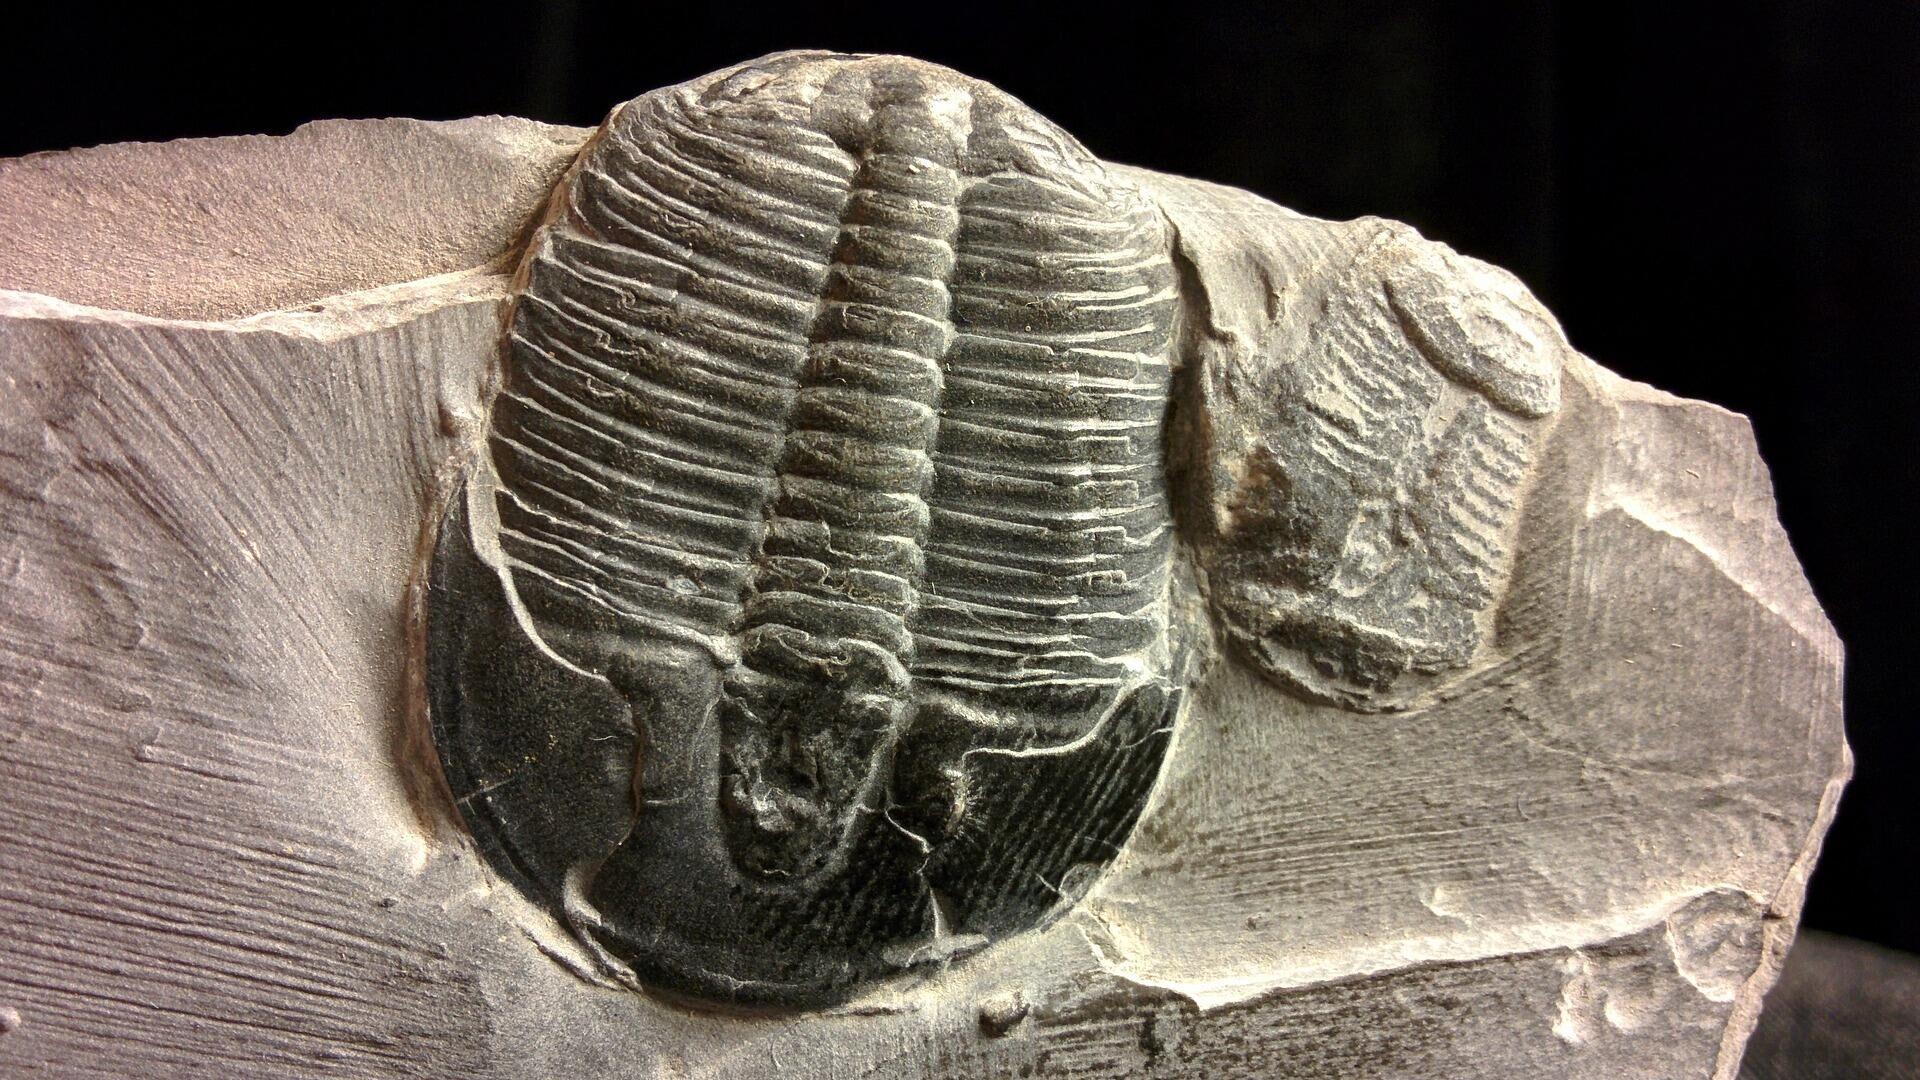 Un trilobites, imagen referencial - Sputnik Mundo, 1920, 04.08.2021